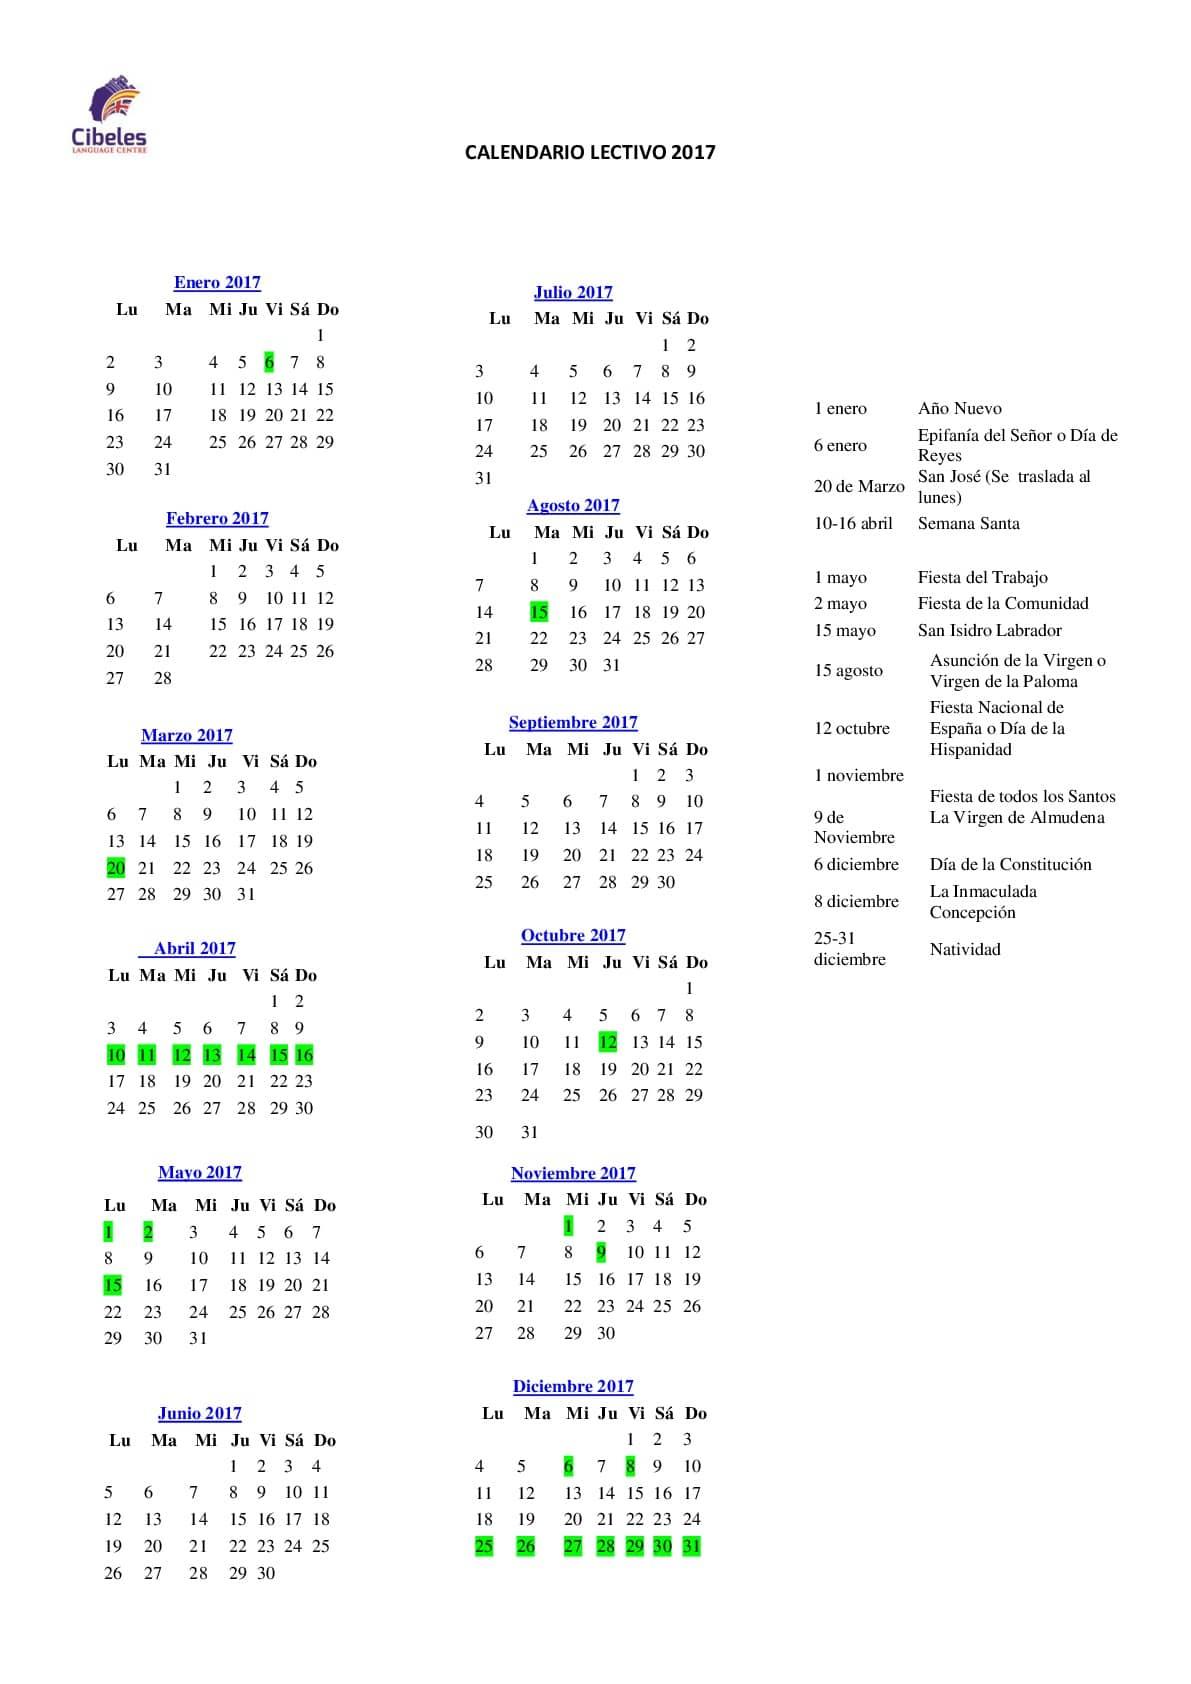 calendario 2017 CIBELES (2) (003)-001